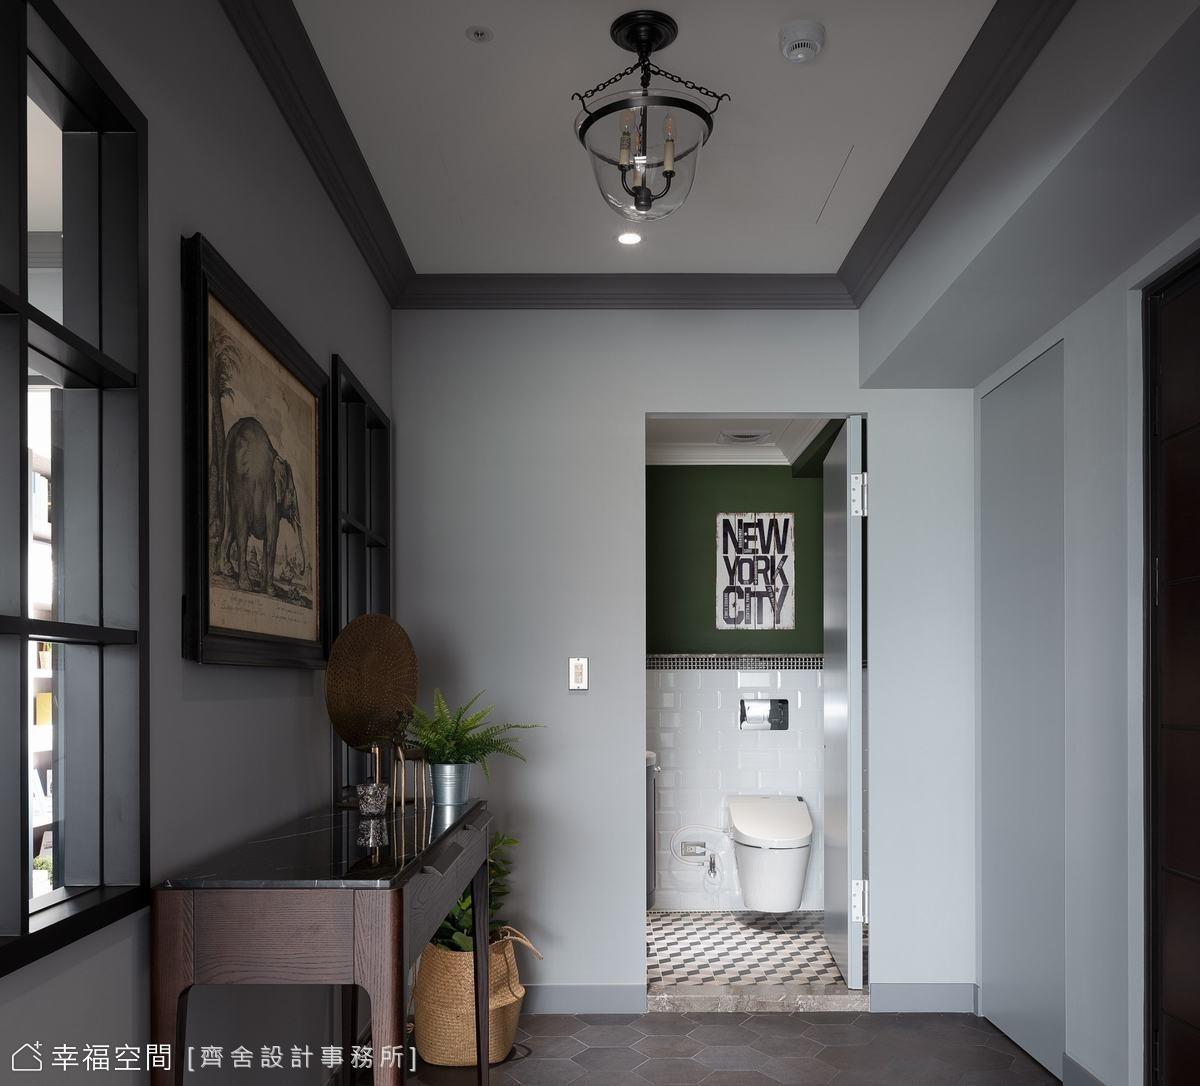 大尺度玄關空間,植入了客浴及儲藏室,廊道上還可透過窗戶窺見餐廳風情,作為進入室內時轉換心境的過場區域。